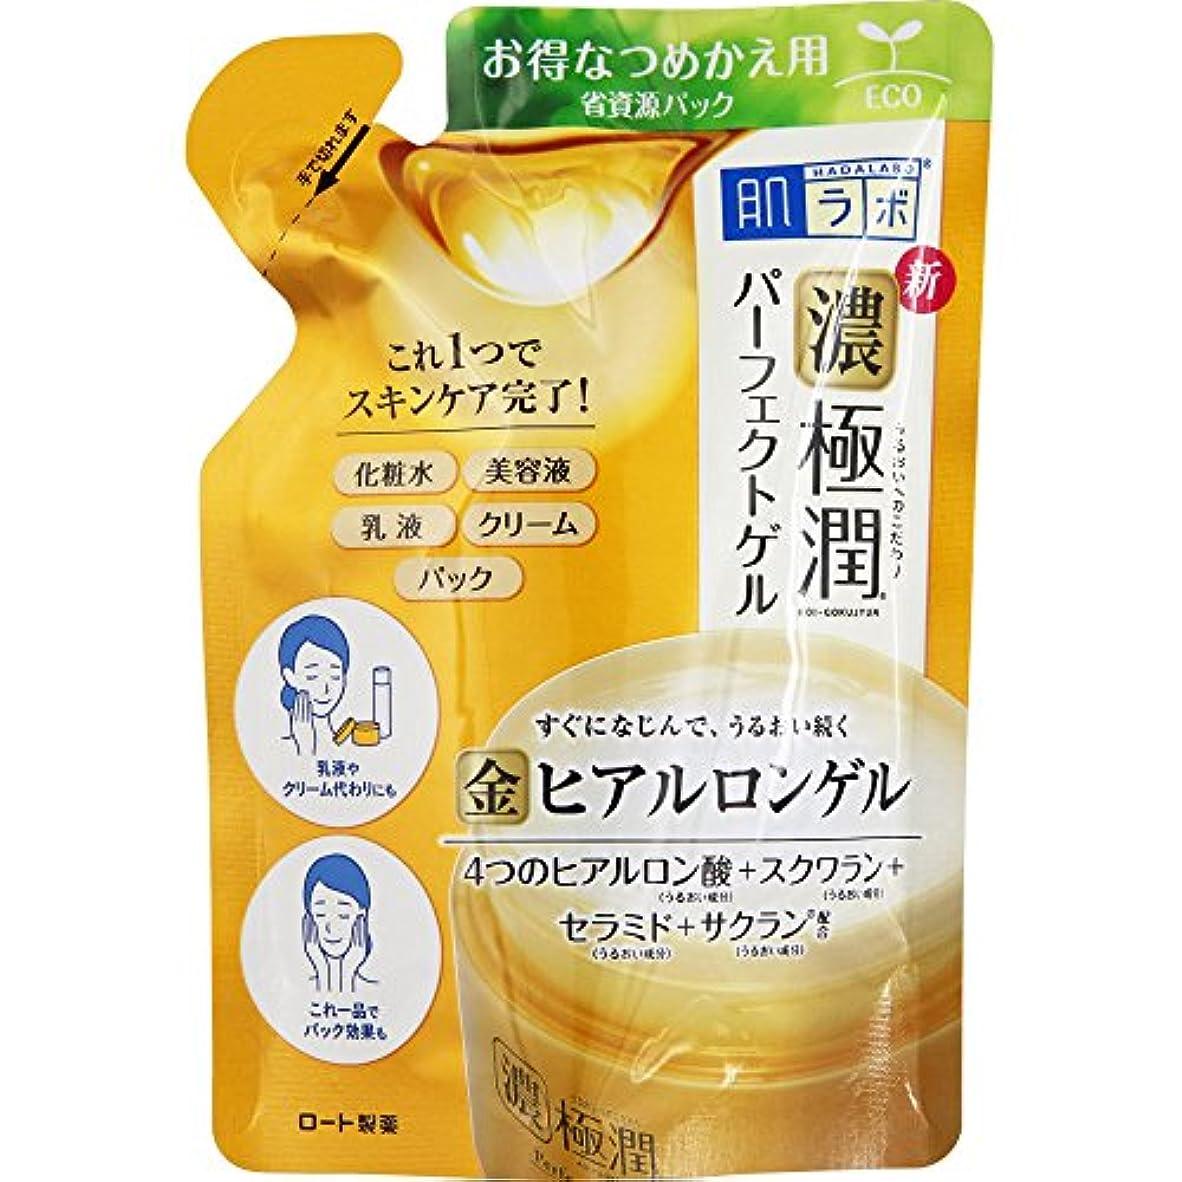 手配する格差熱帯の肌ラボ 濃い極潤 オールインワン パーフェクトゲル 4つのヒアルロン酸×スクワラン×セラミド×サクラン配合 詰替用 80g